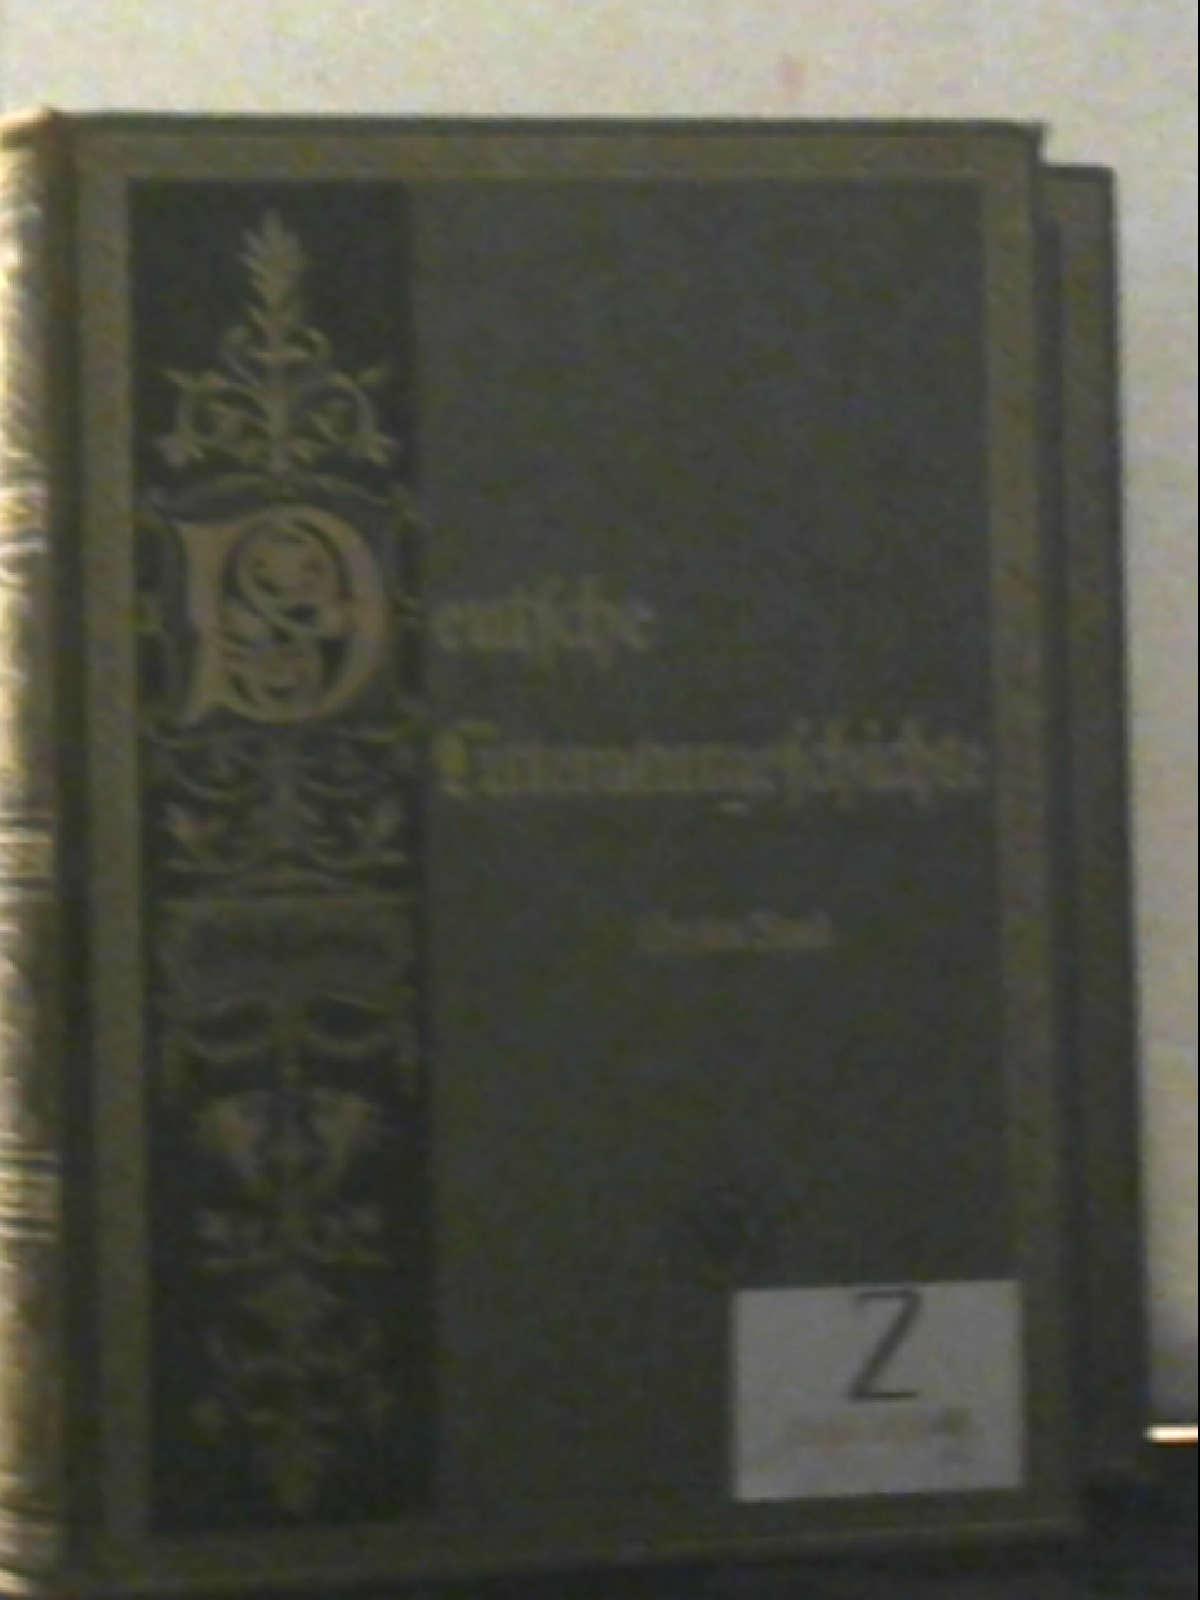 Deutsche Literaturgeschichte (Litteraturgeschichte). Band 1 und Band: Robert - herausgegeben